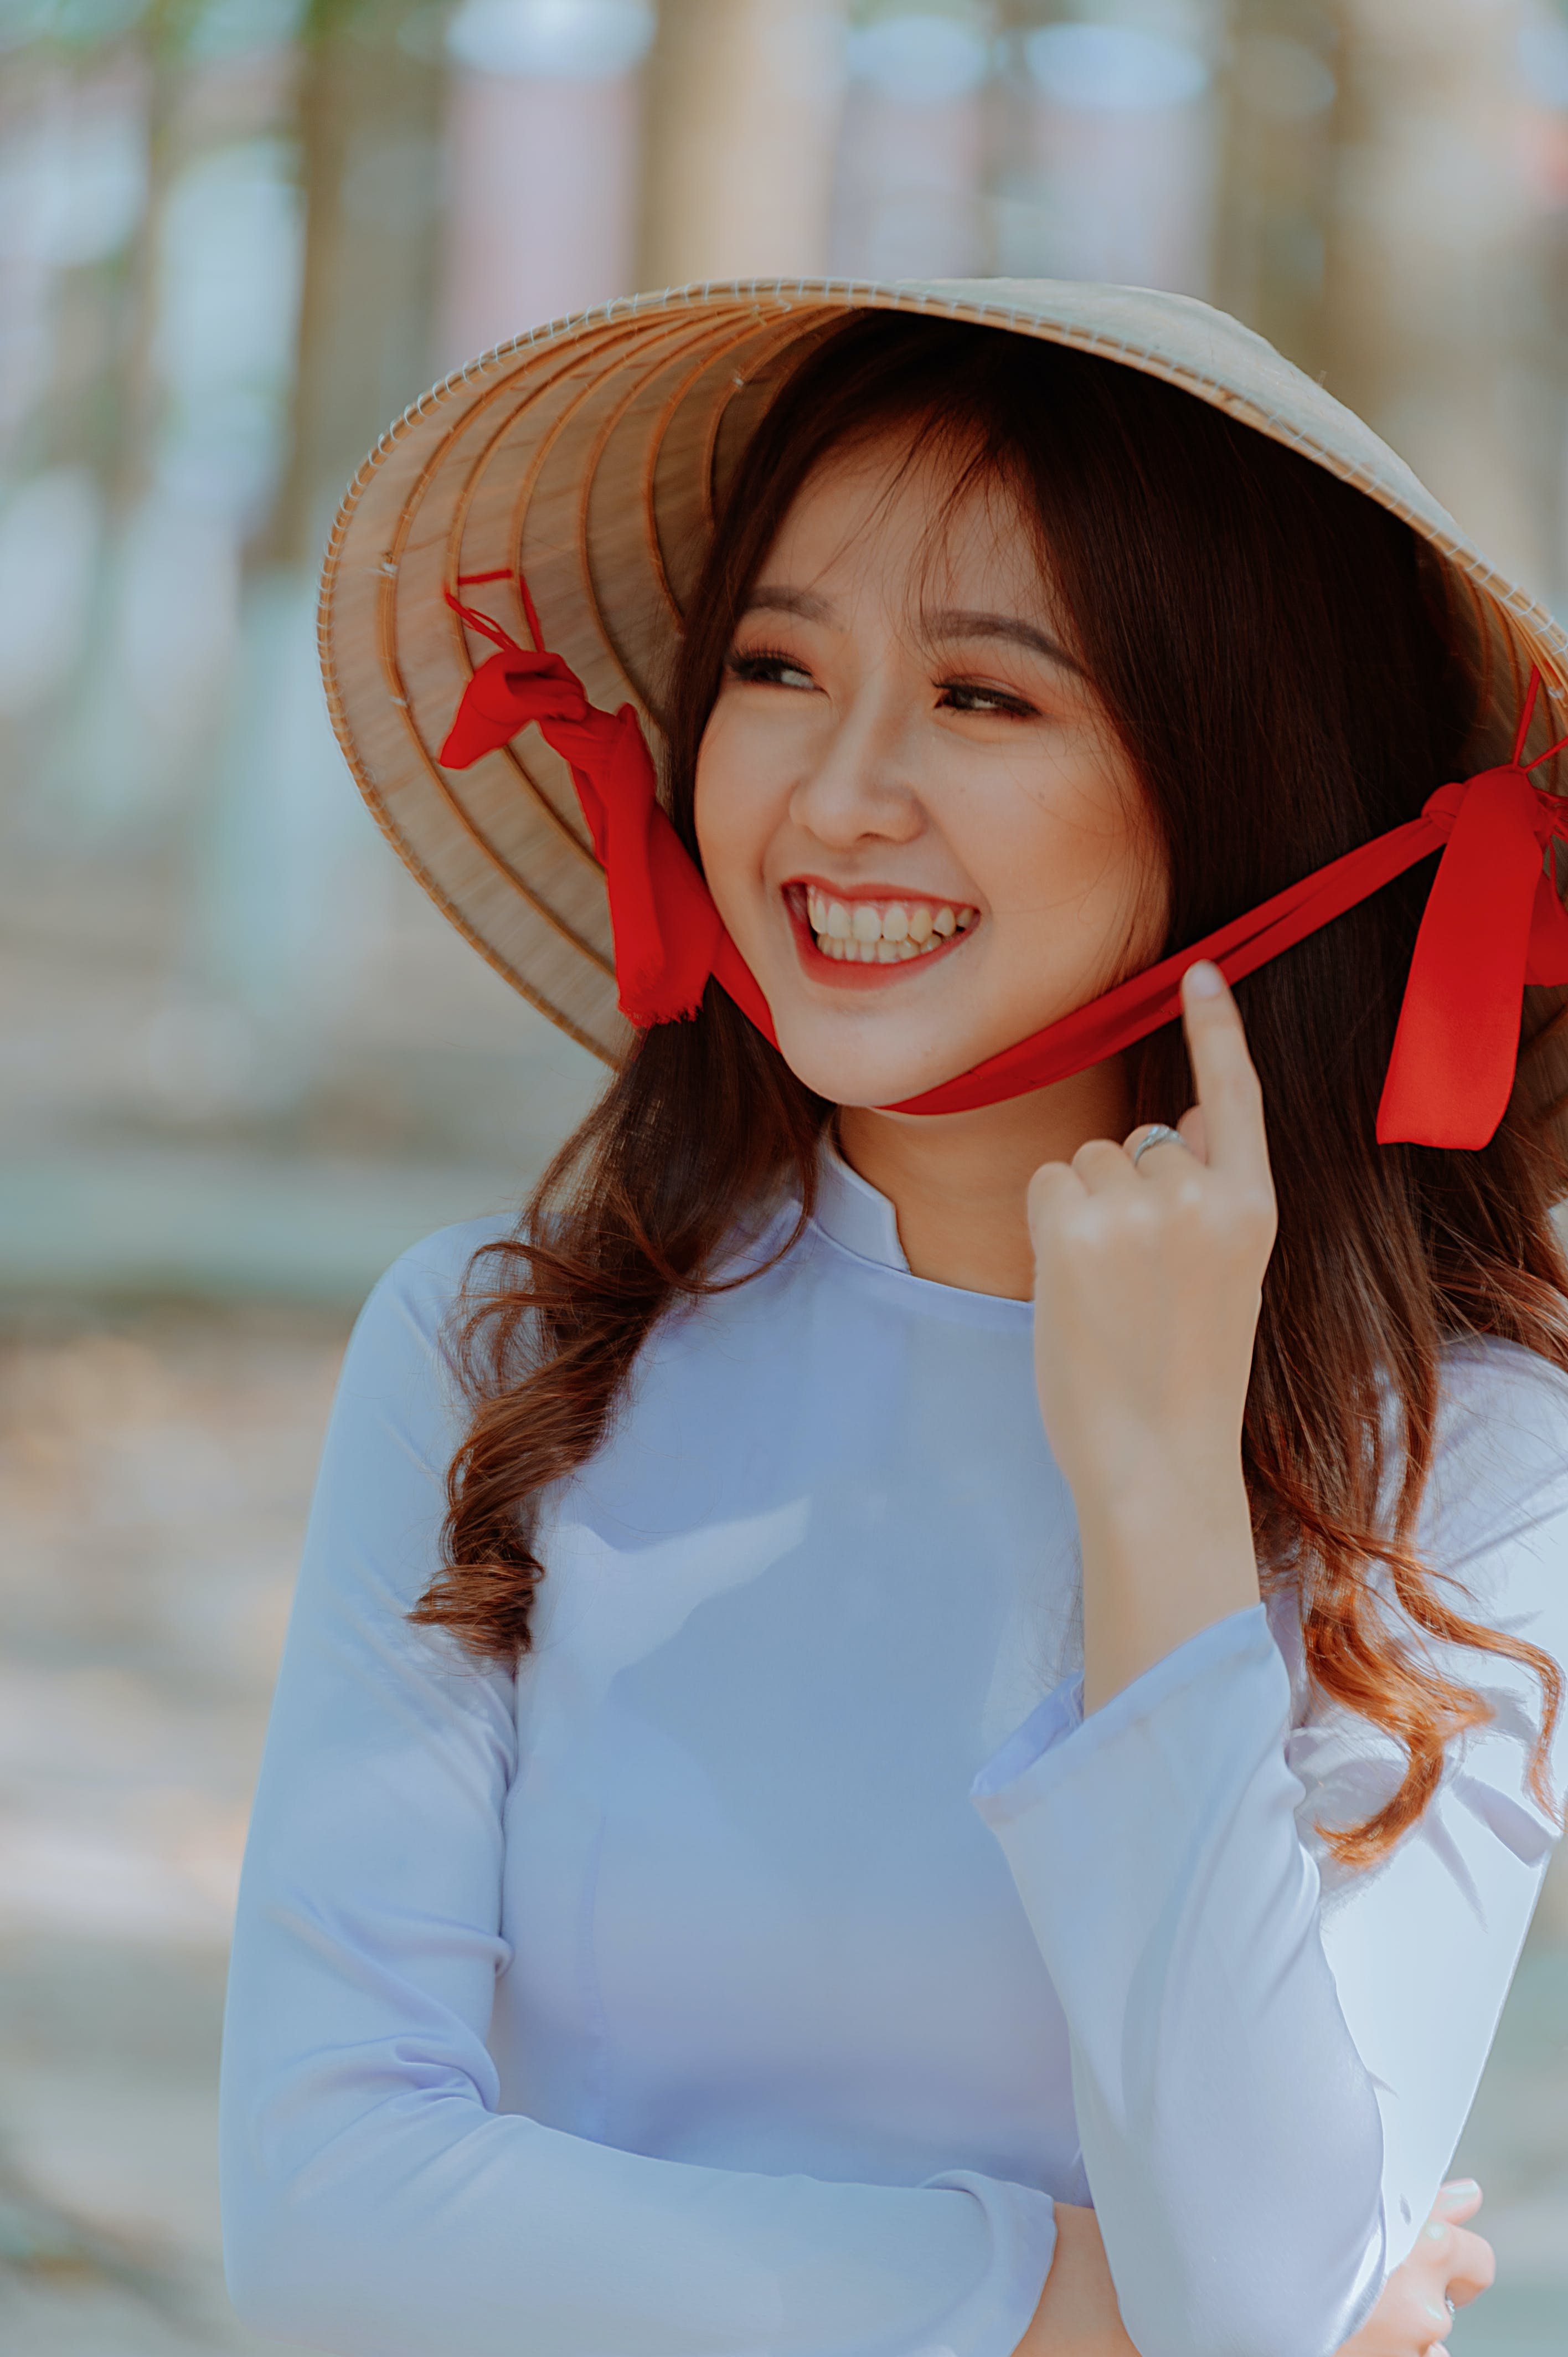 Kostenloses Stock Foto zu asiatin, asiatische frau, asiatische person, bezaubernd